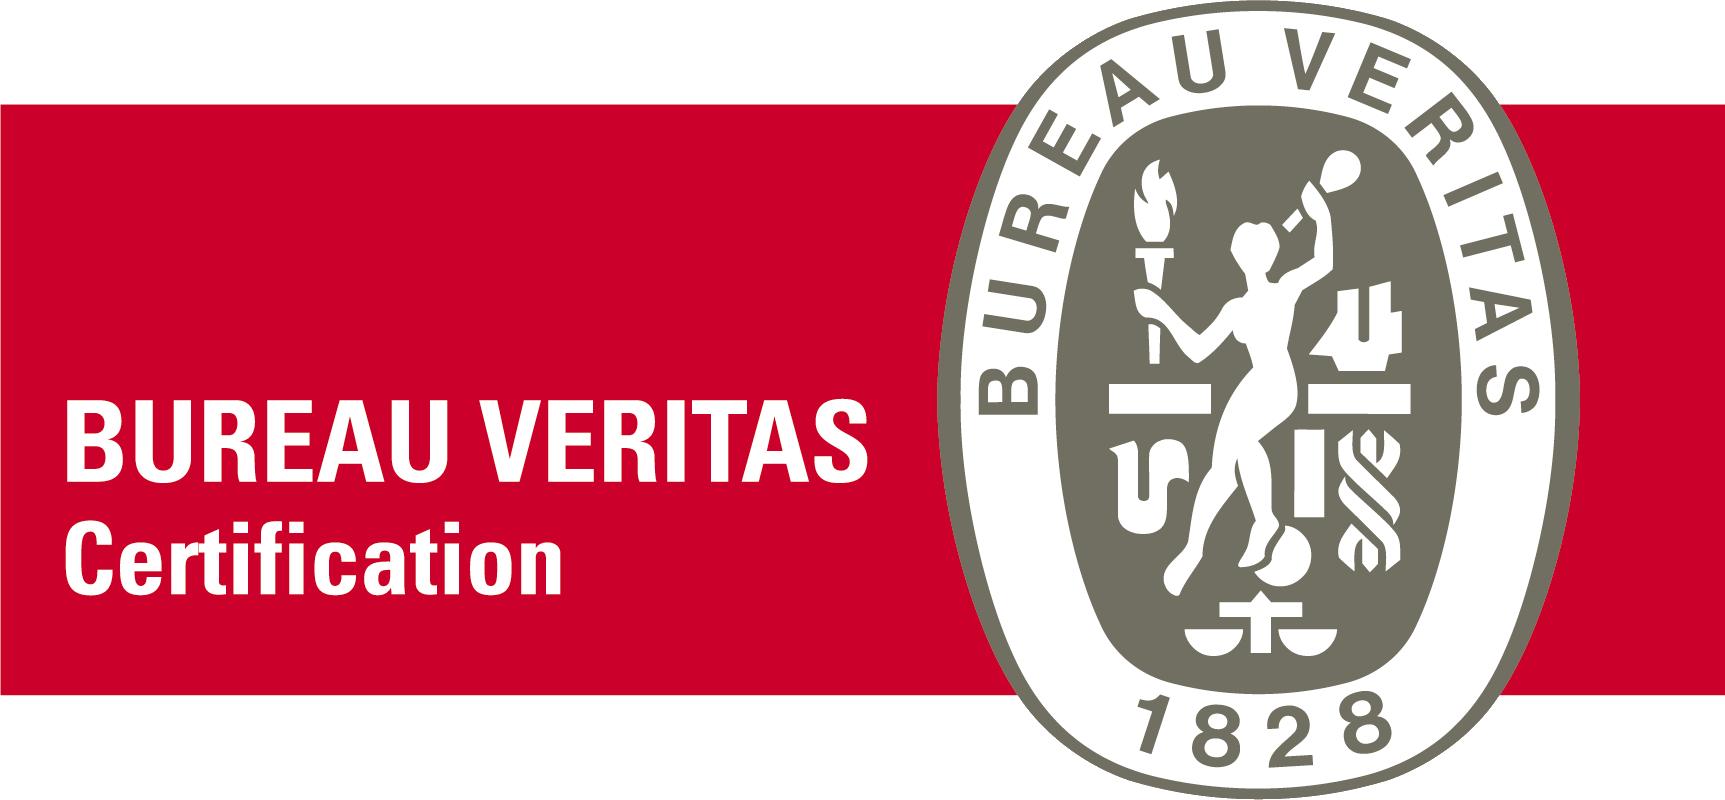 """Résultat de recherche d'images pour """"bureau veritas certification"""""""